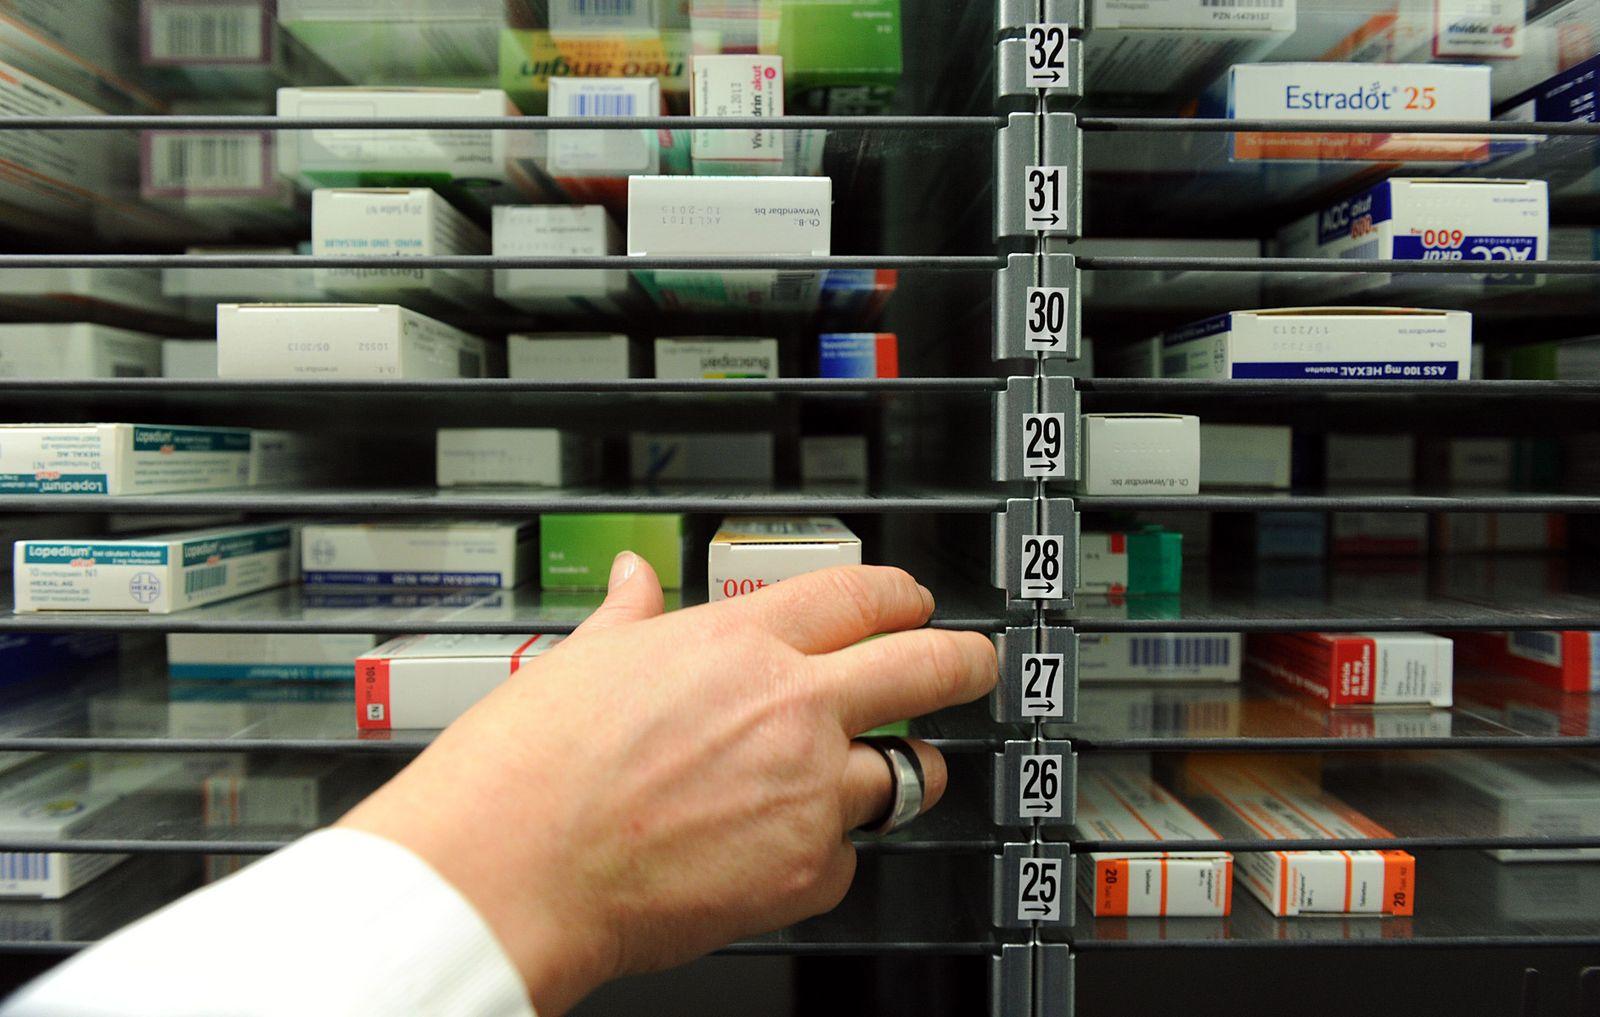 Apotheke Medikamente